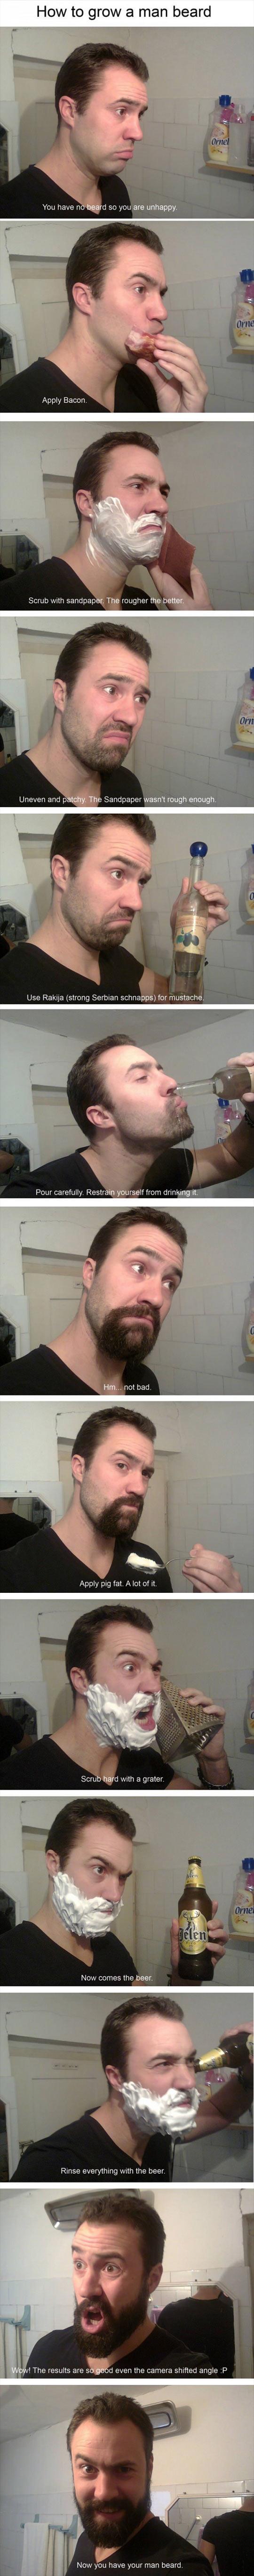 funny-manly-beard-bacon